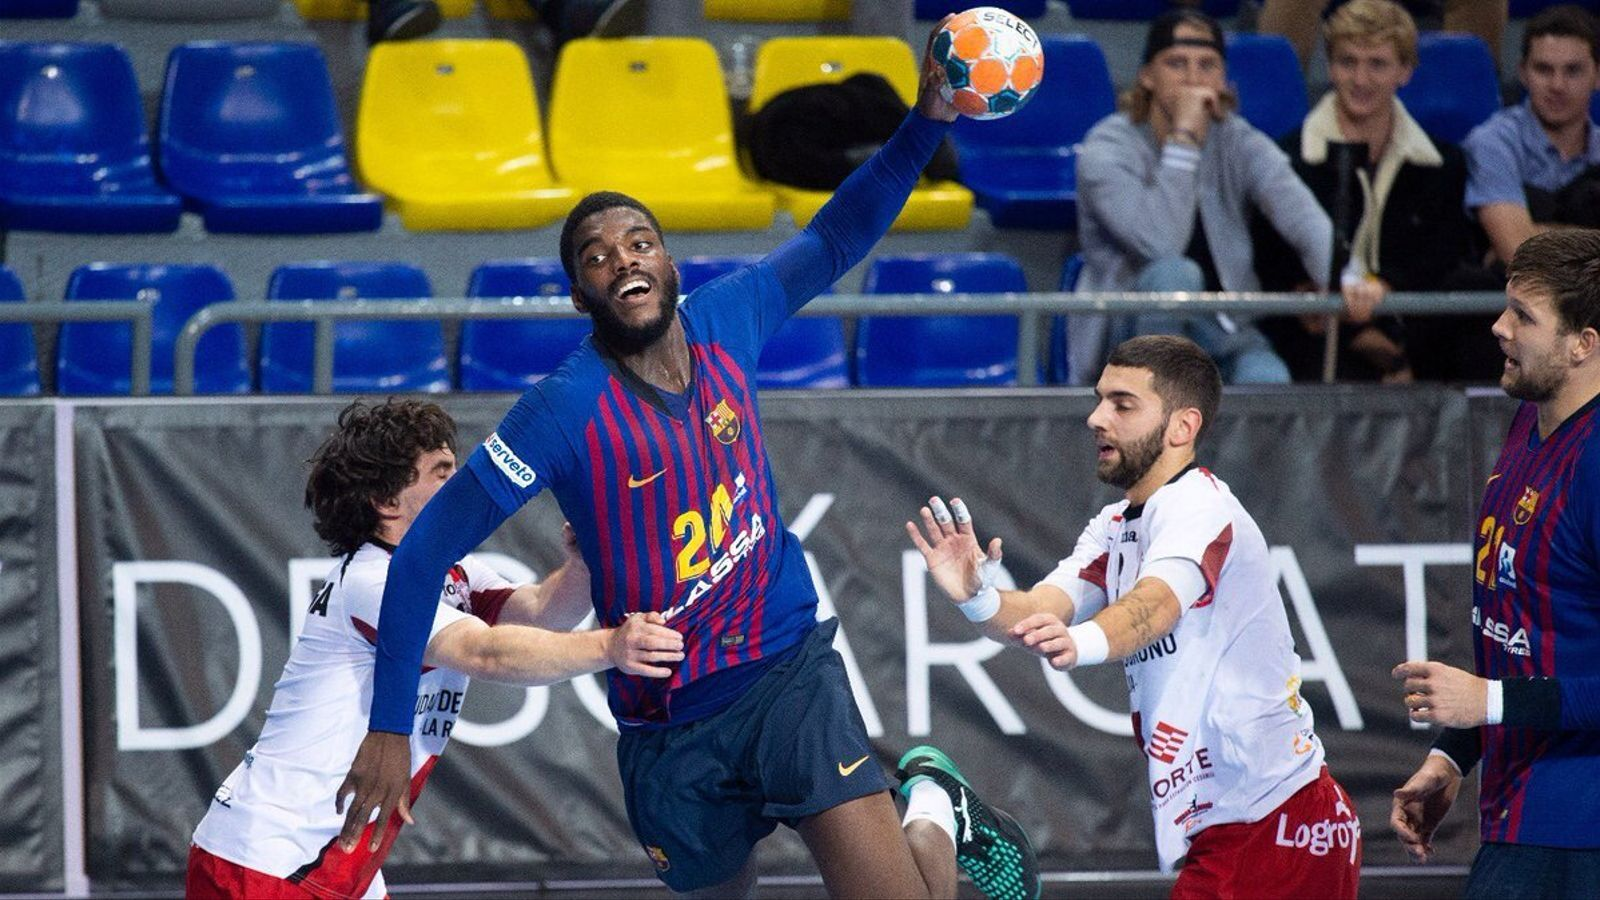 El Barça Lassa esmicola el Logronyo al Palau (45-31)